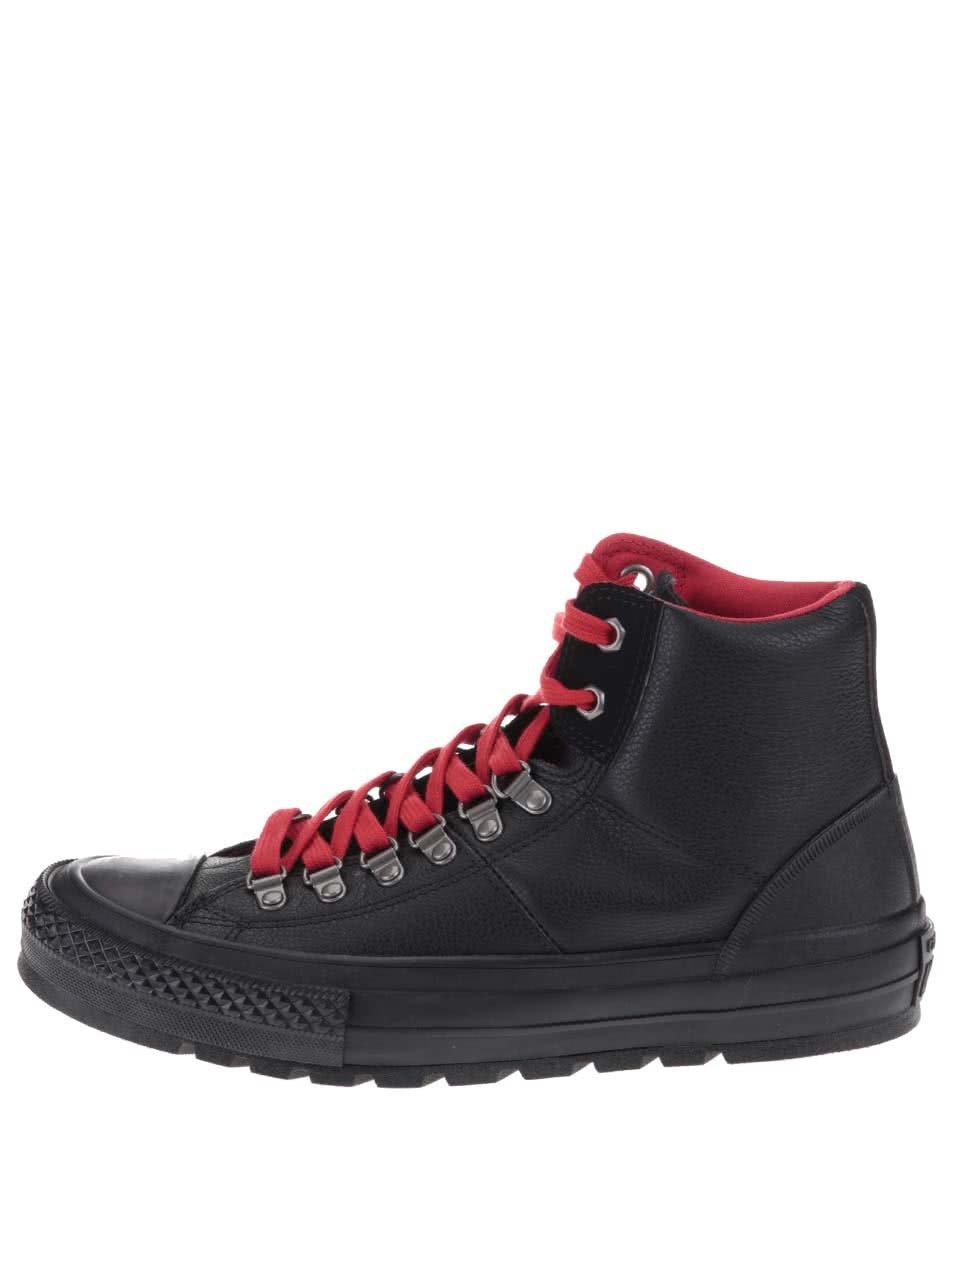 Čierne pánske kožené členkové tenisky Converse Chuck Taylor All Star Street  Hiker ... 41f0356b039